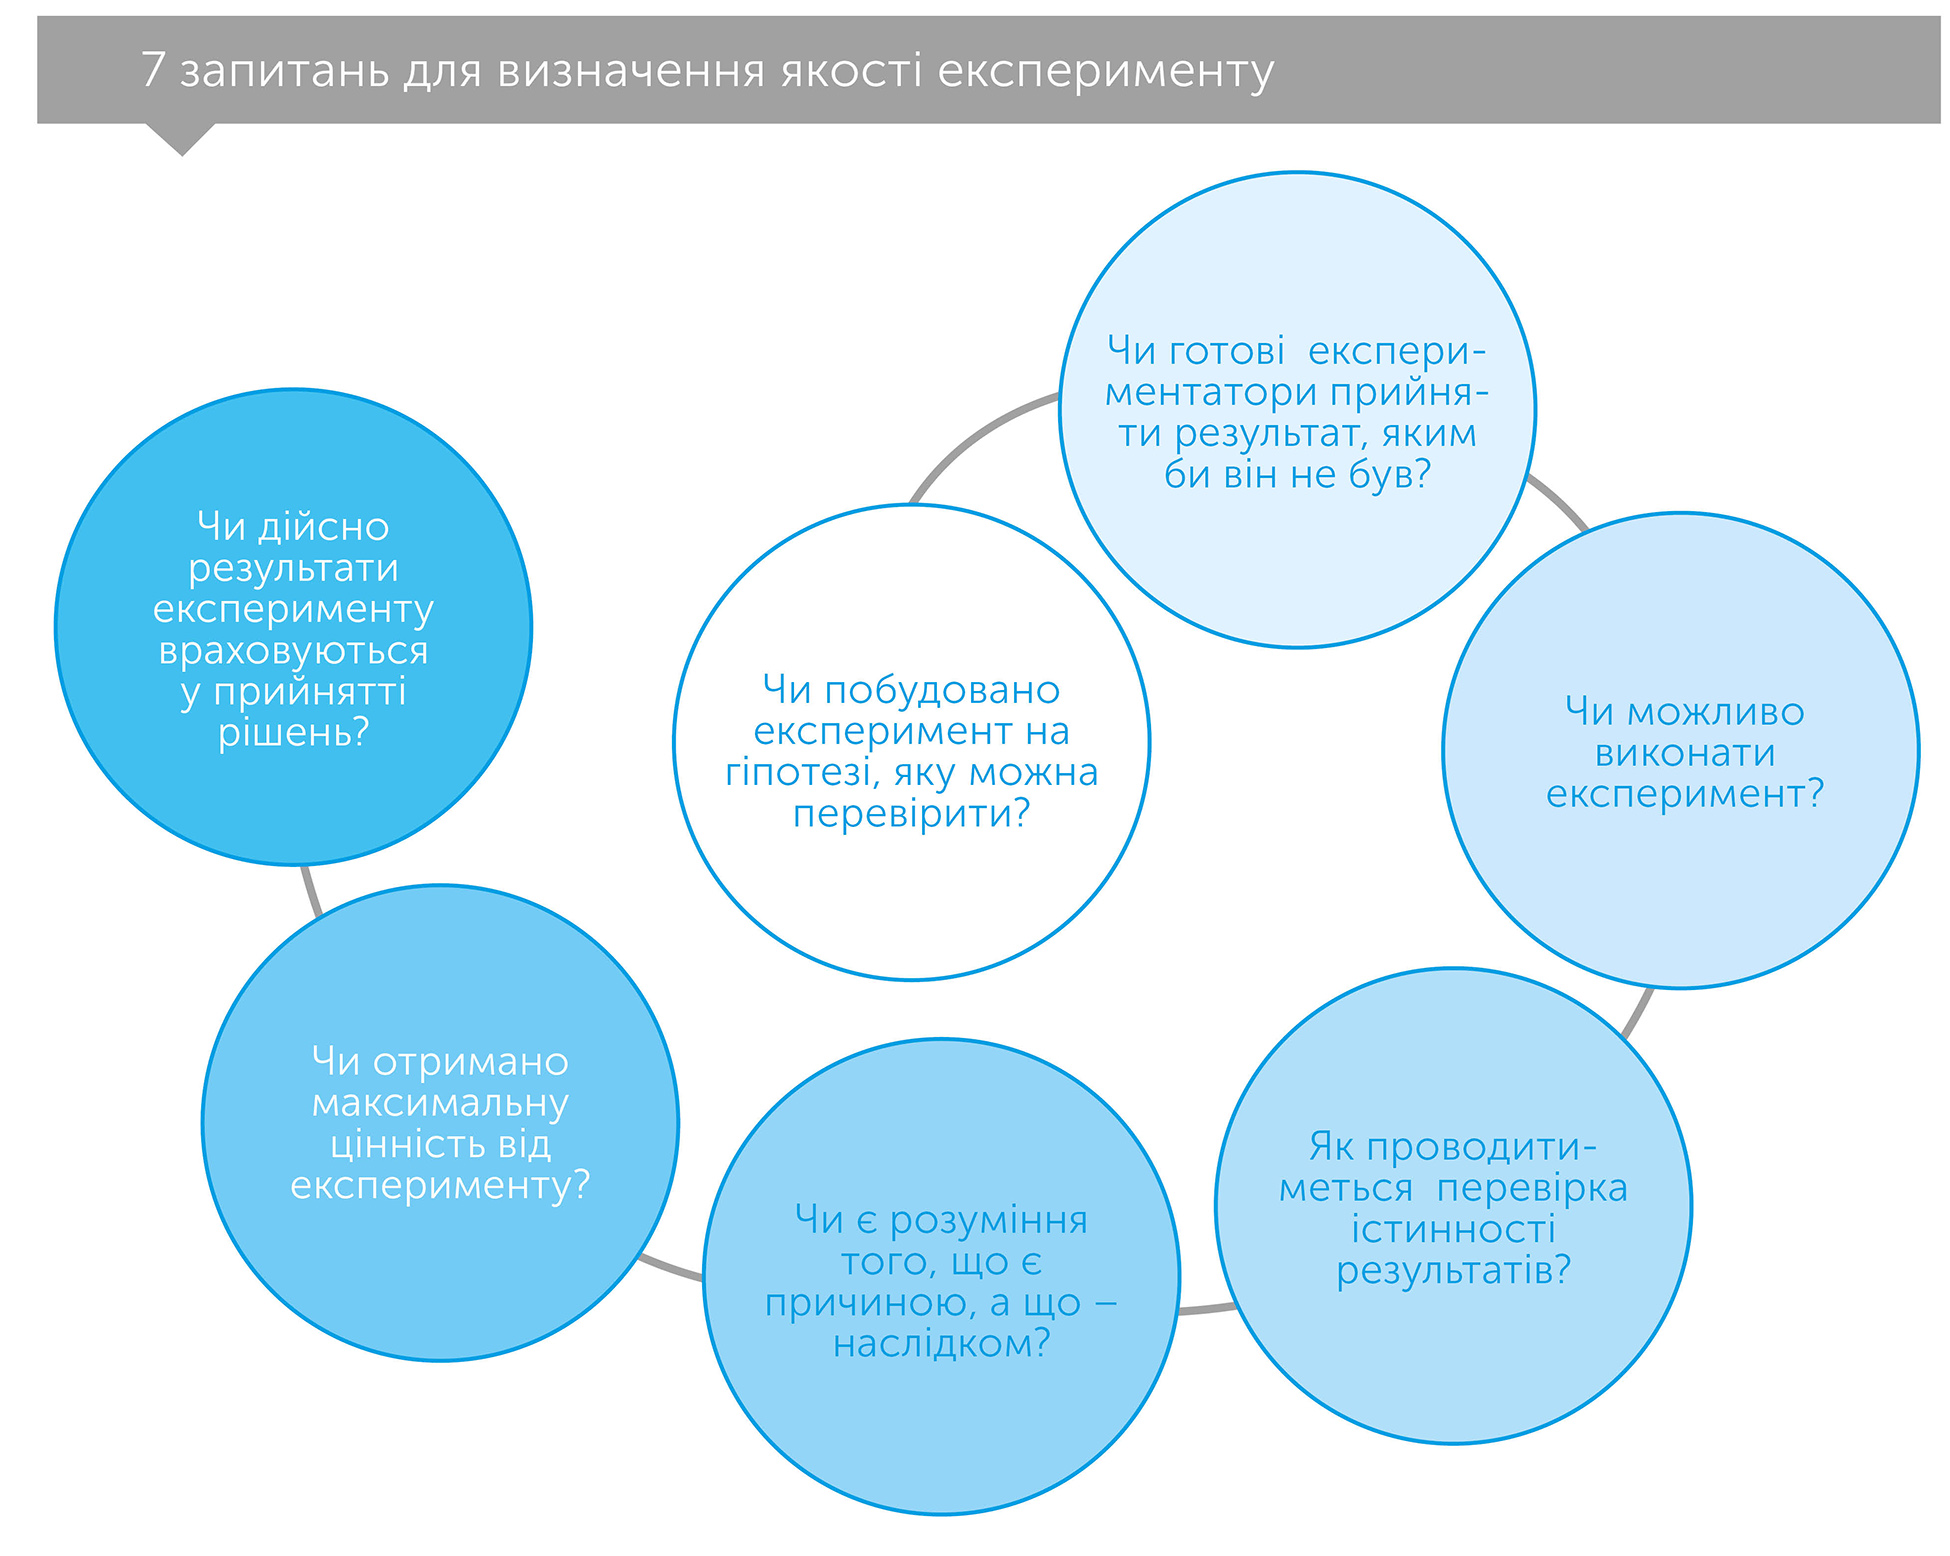 Експериментування працює. Дивовижна сила бізнес-експериментів, автор Стефан Томке | Kyivstar Business Hub, зображення №3